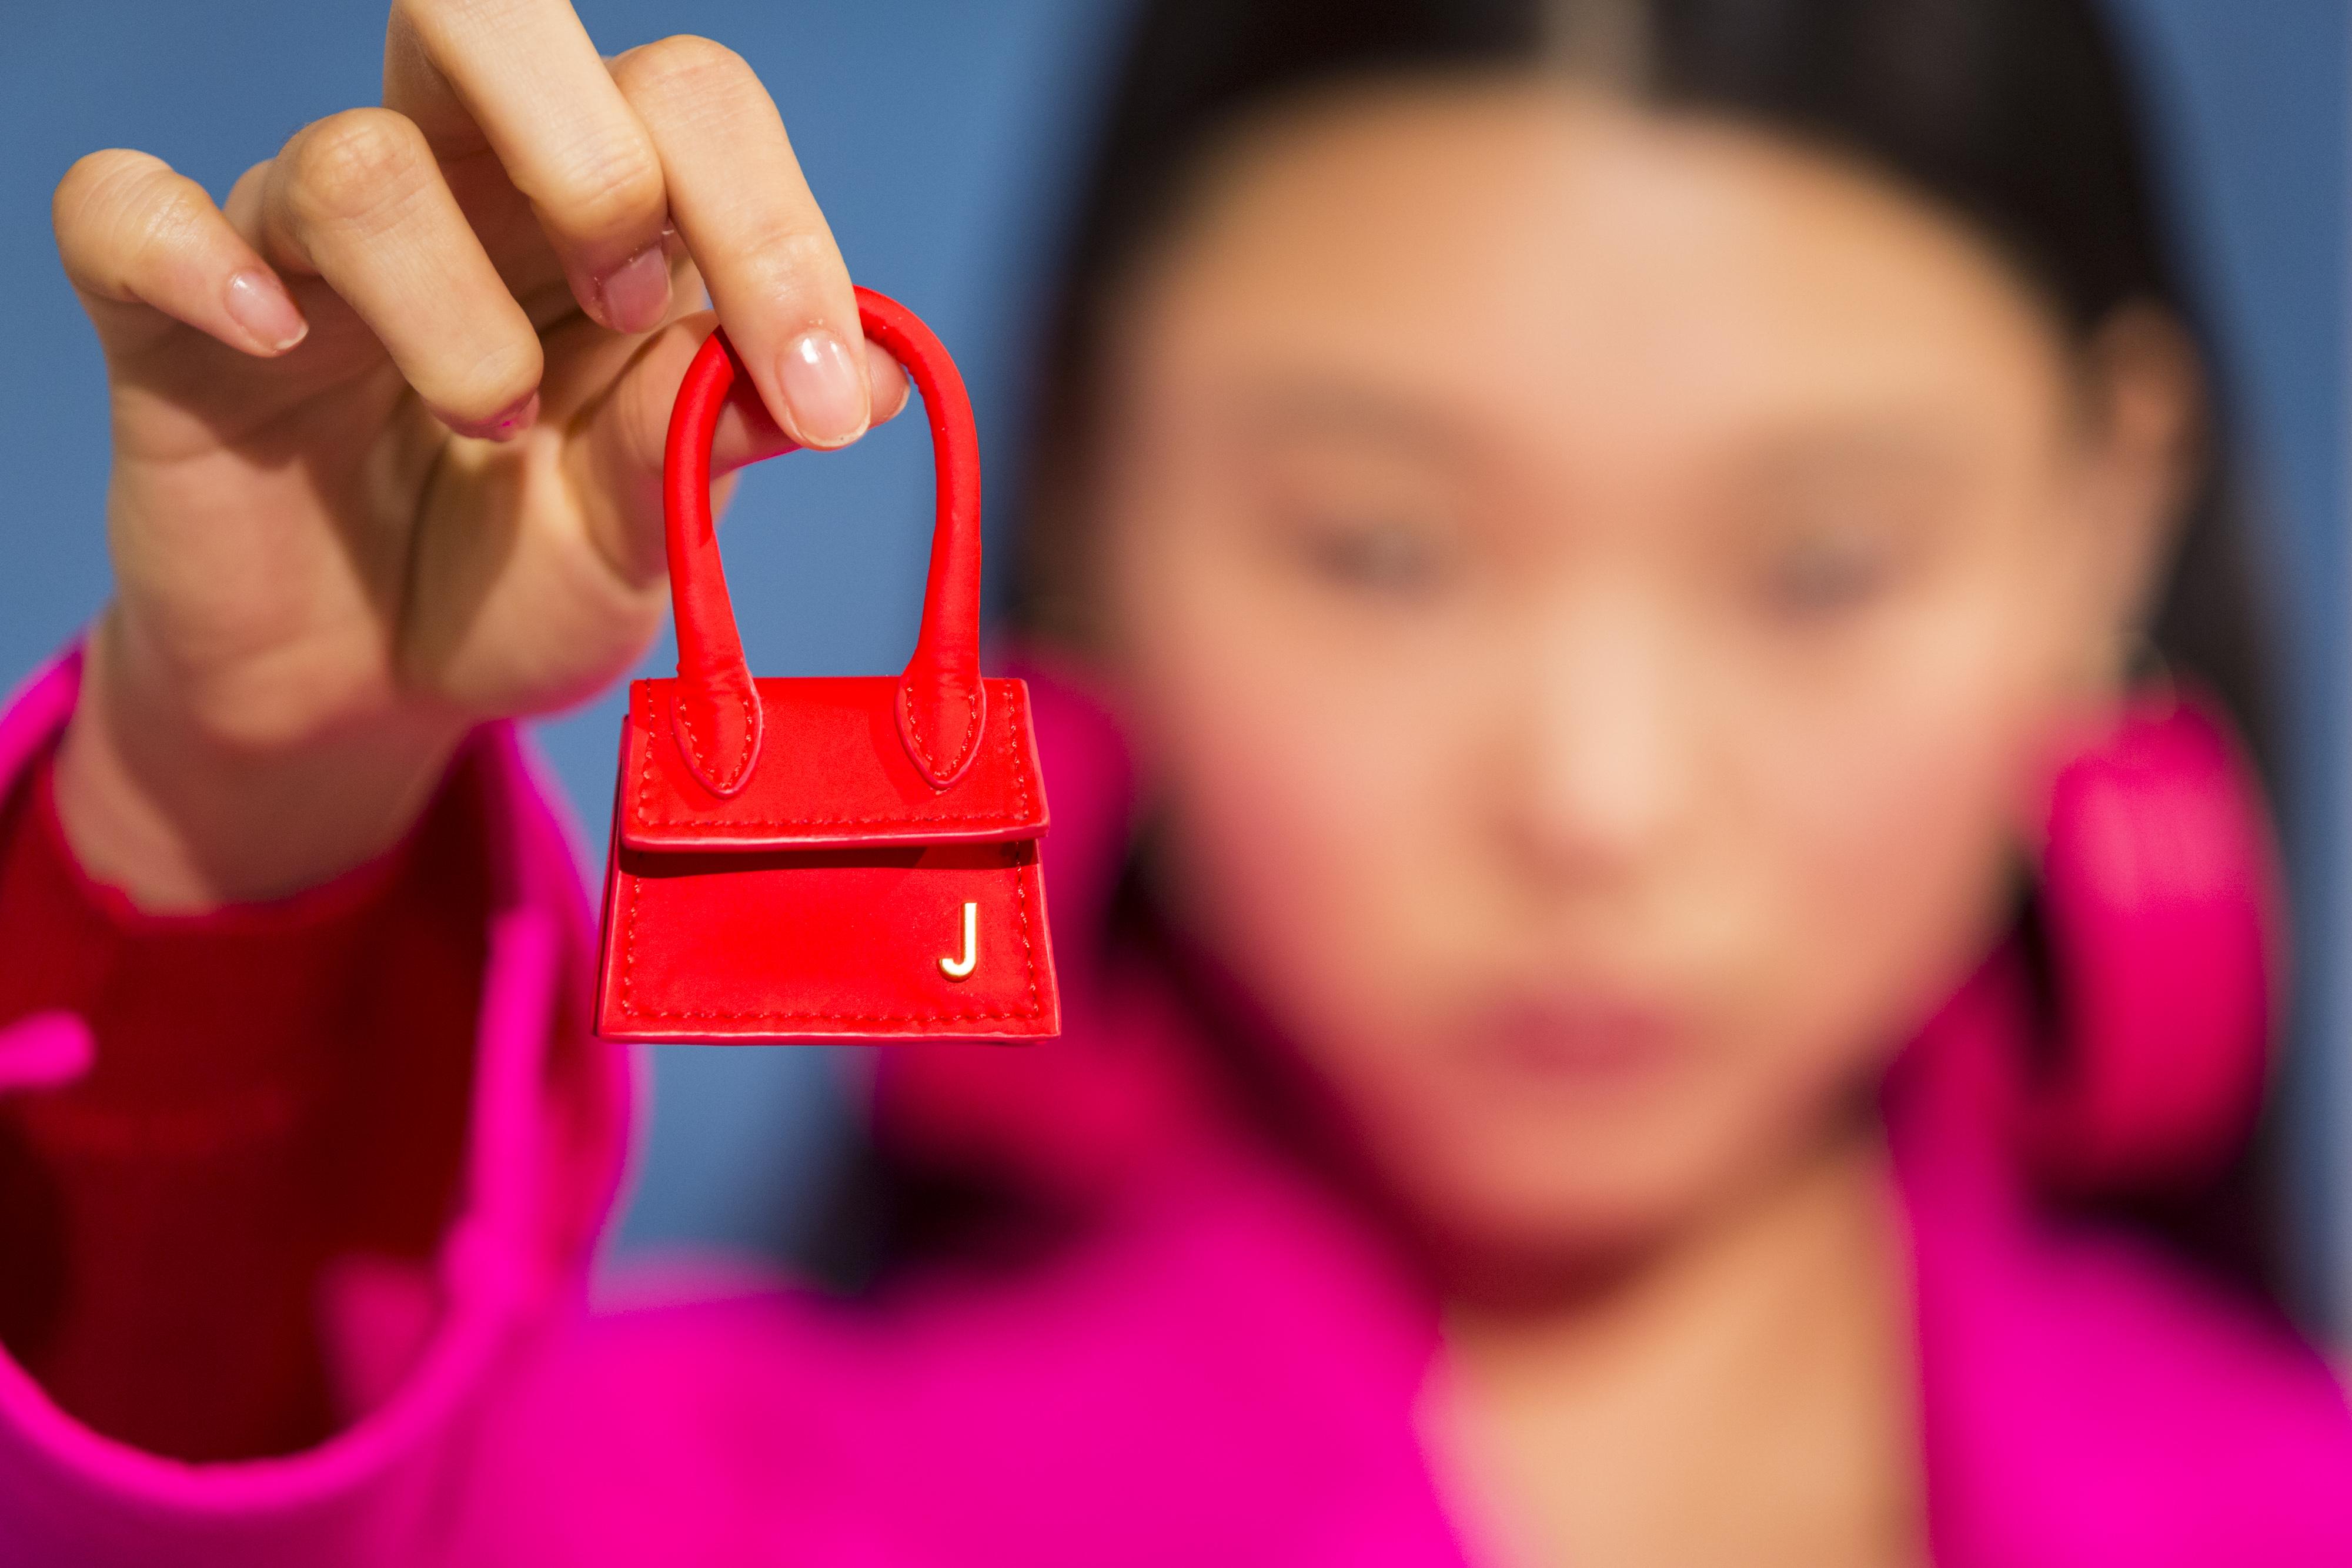 Modelo de bolsa miniatura, Le Chiquito, da grife Jacquemus